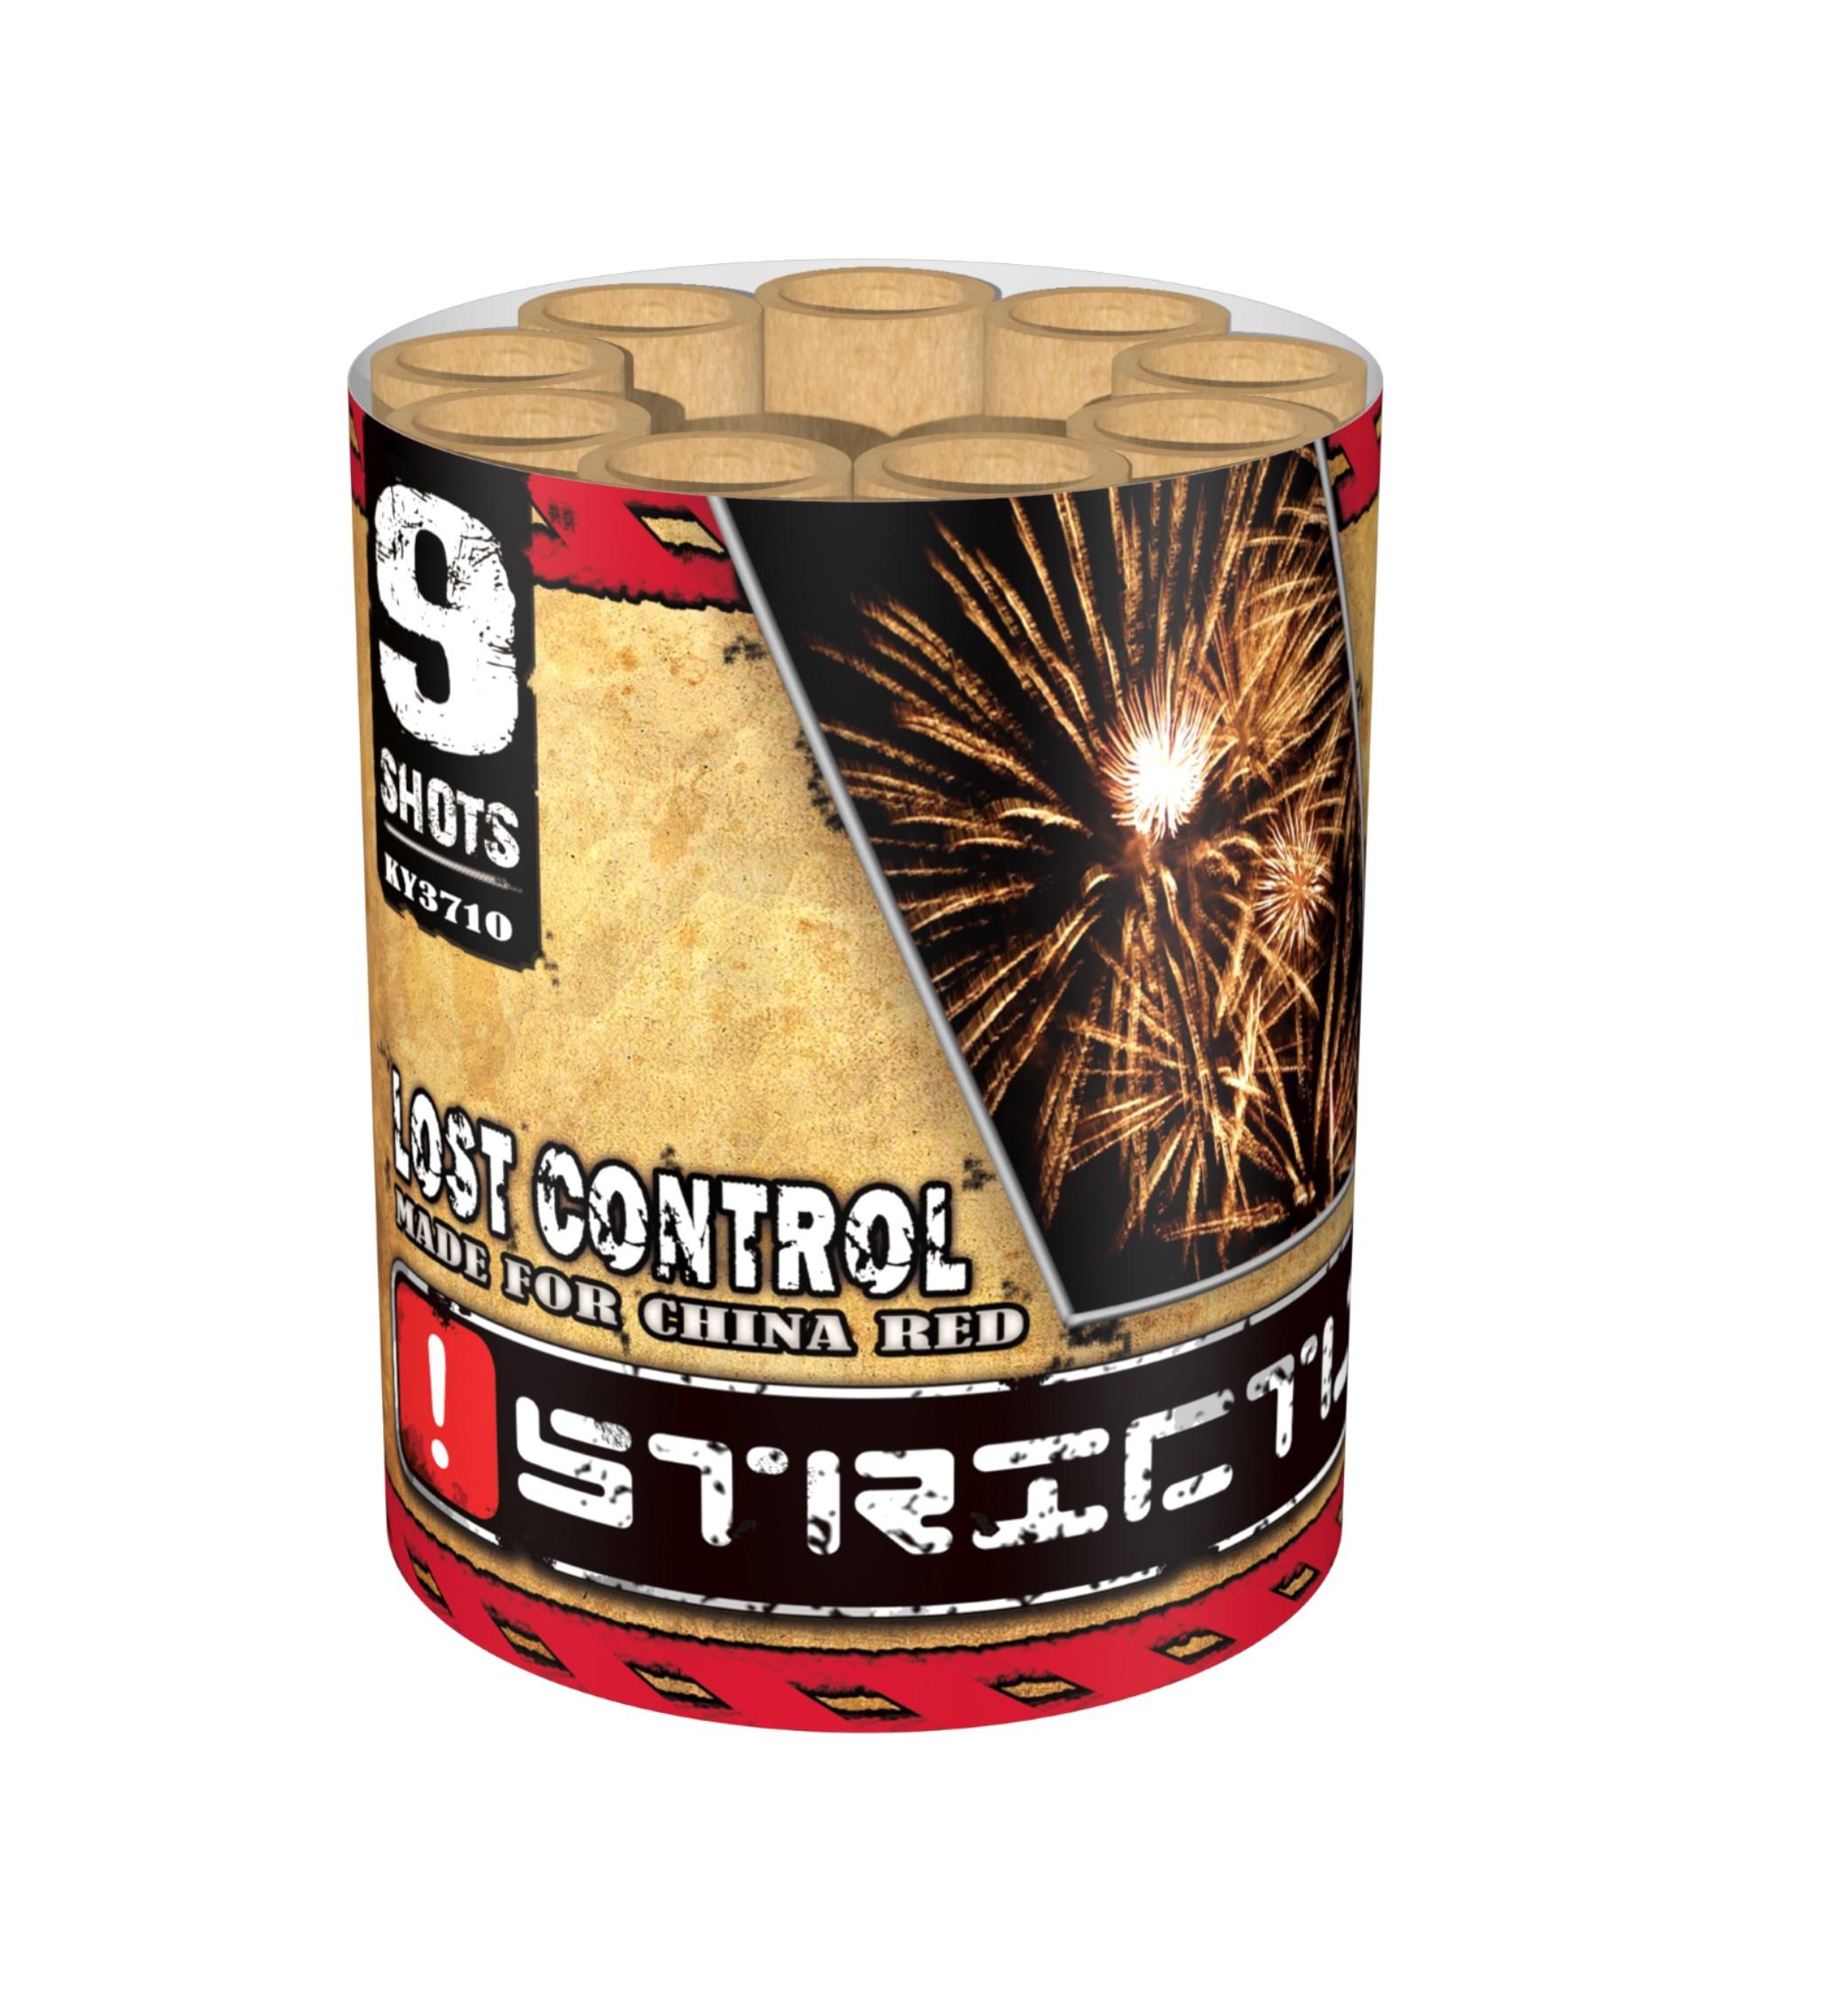 ART. 3710 LOST CONTROL, 9 SHOTS